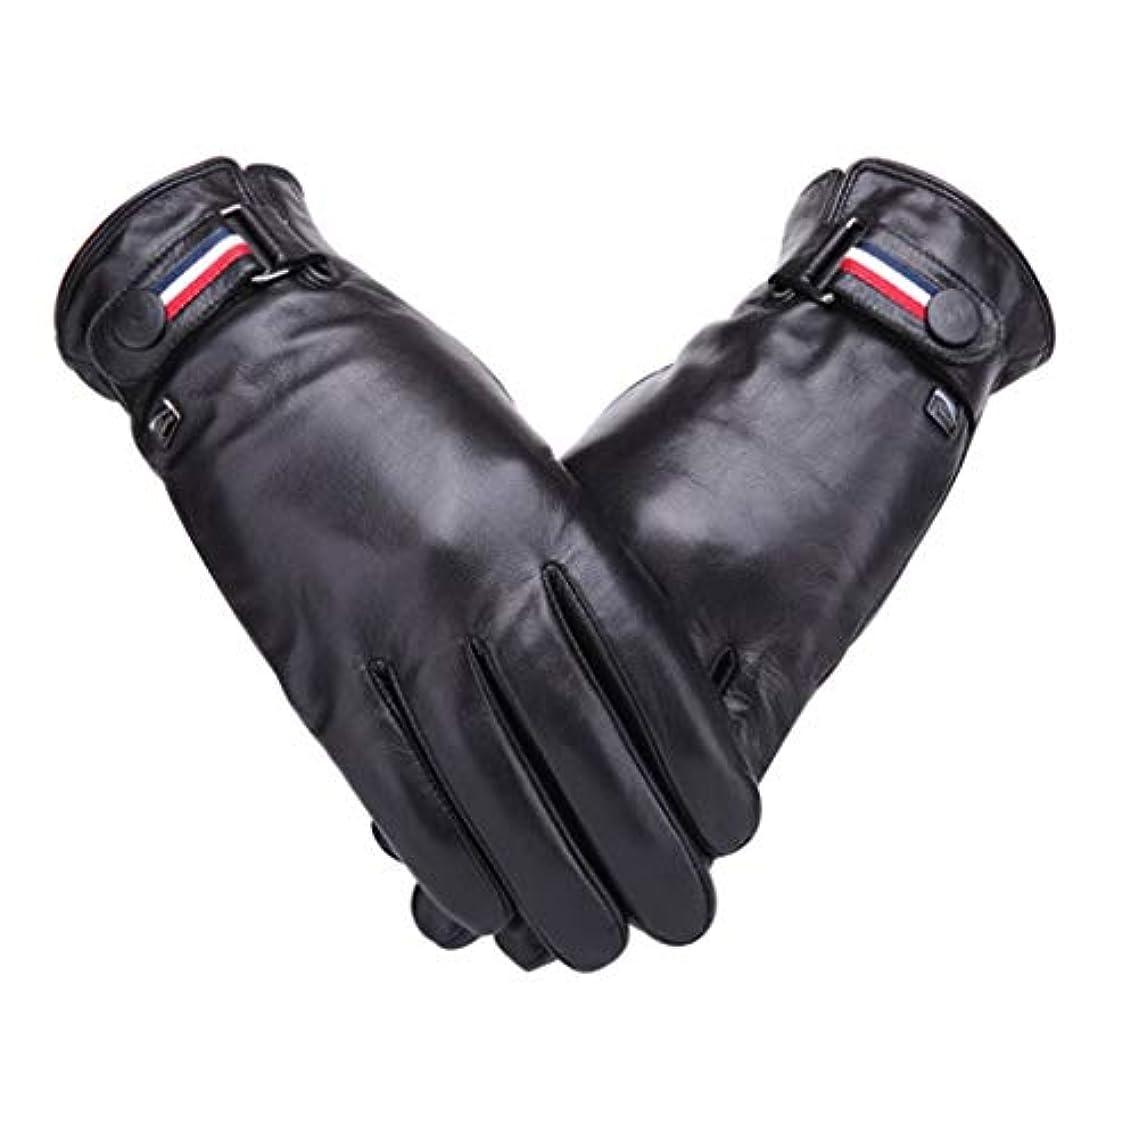 フェデレーション時制悪用羊皮の手袋の男性秋と冬のサイクリングwindproof暖かいプラスベルベットの肥厚の男性の手袋